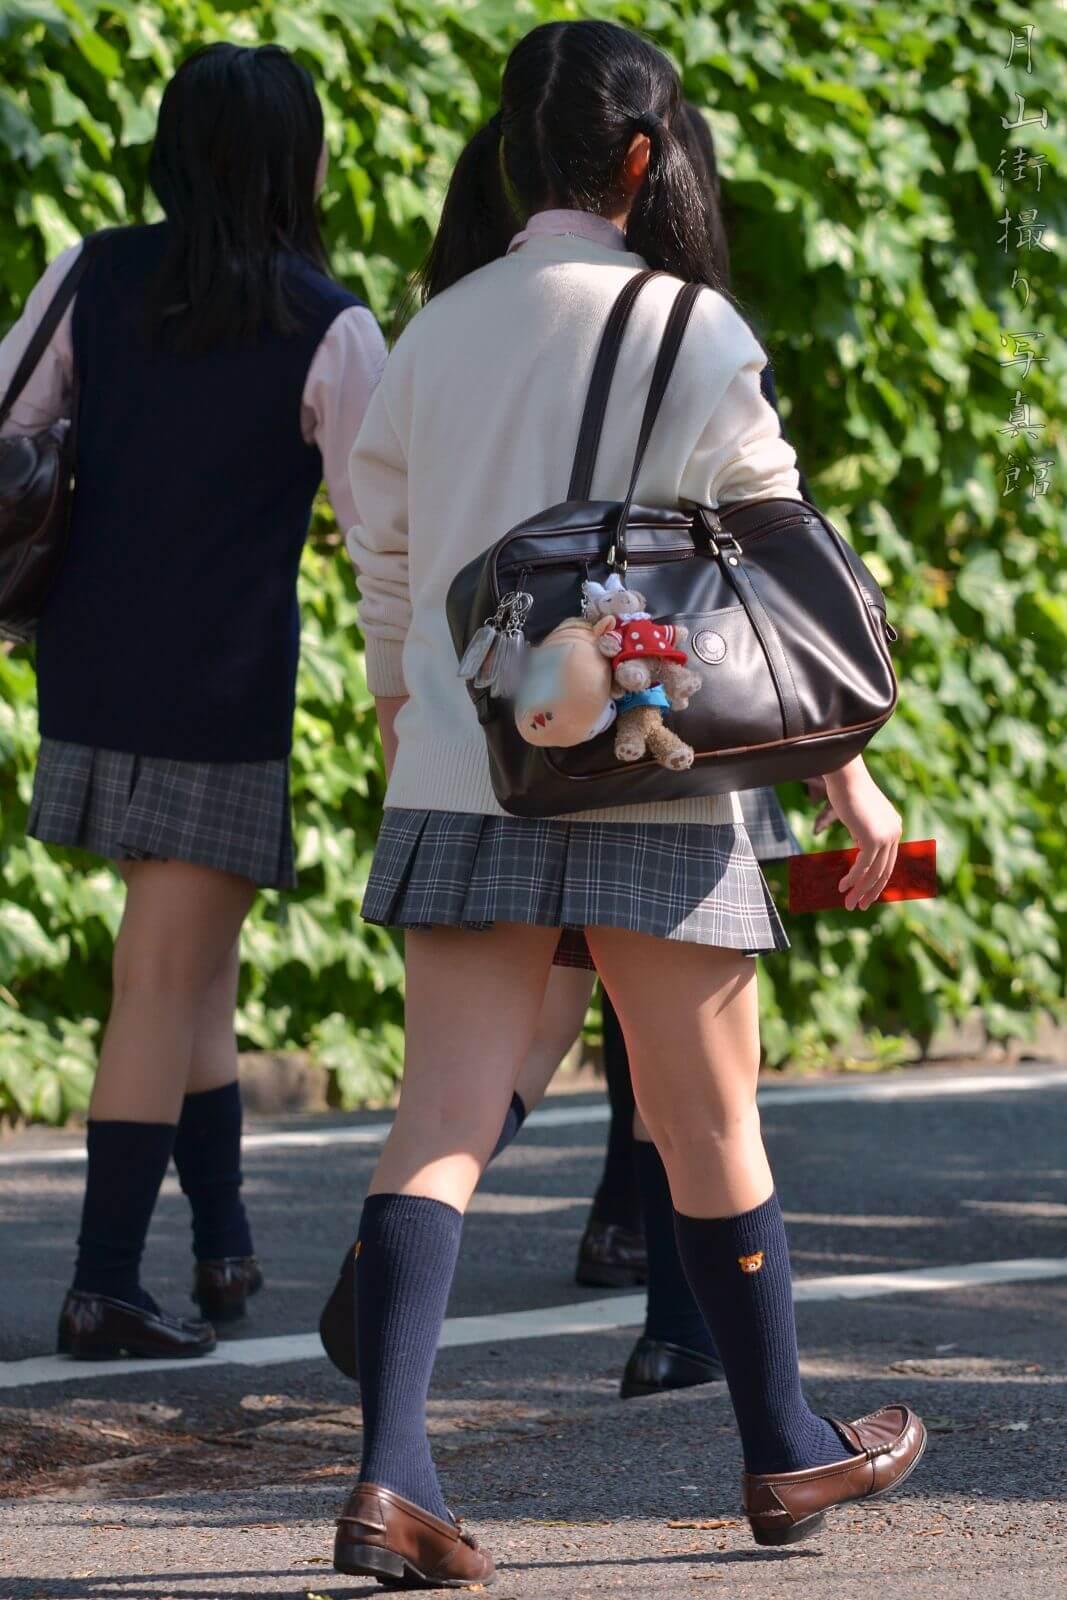 【画像】シンプルな女子高生街撮り写真をどうぞ